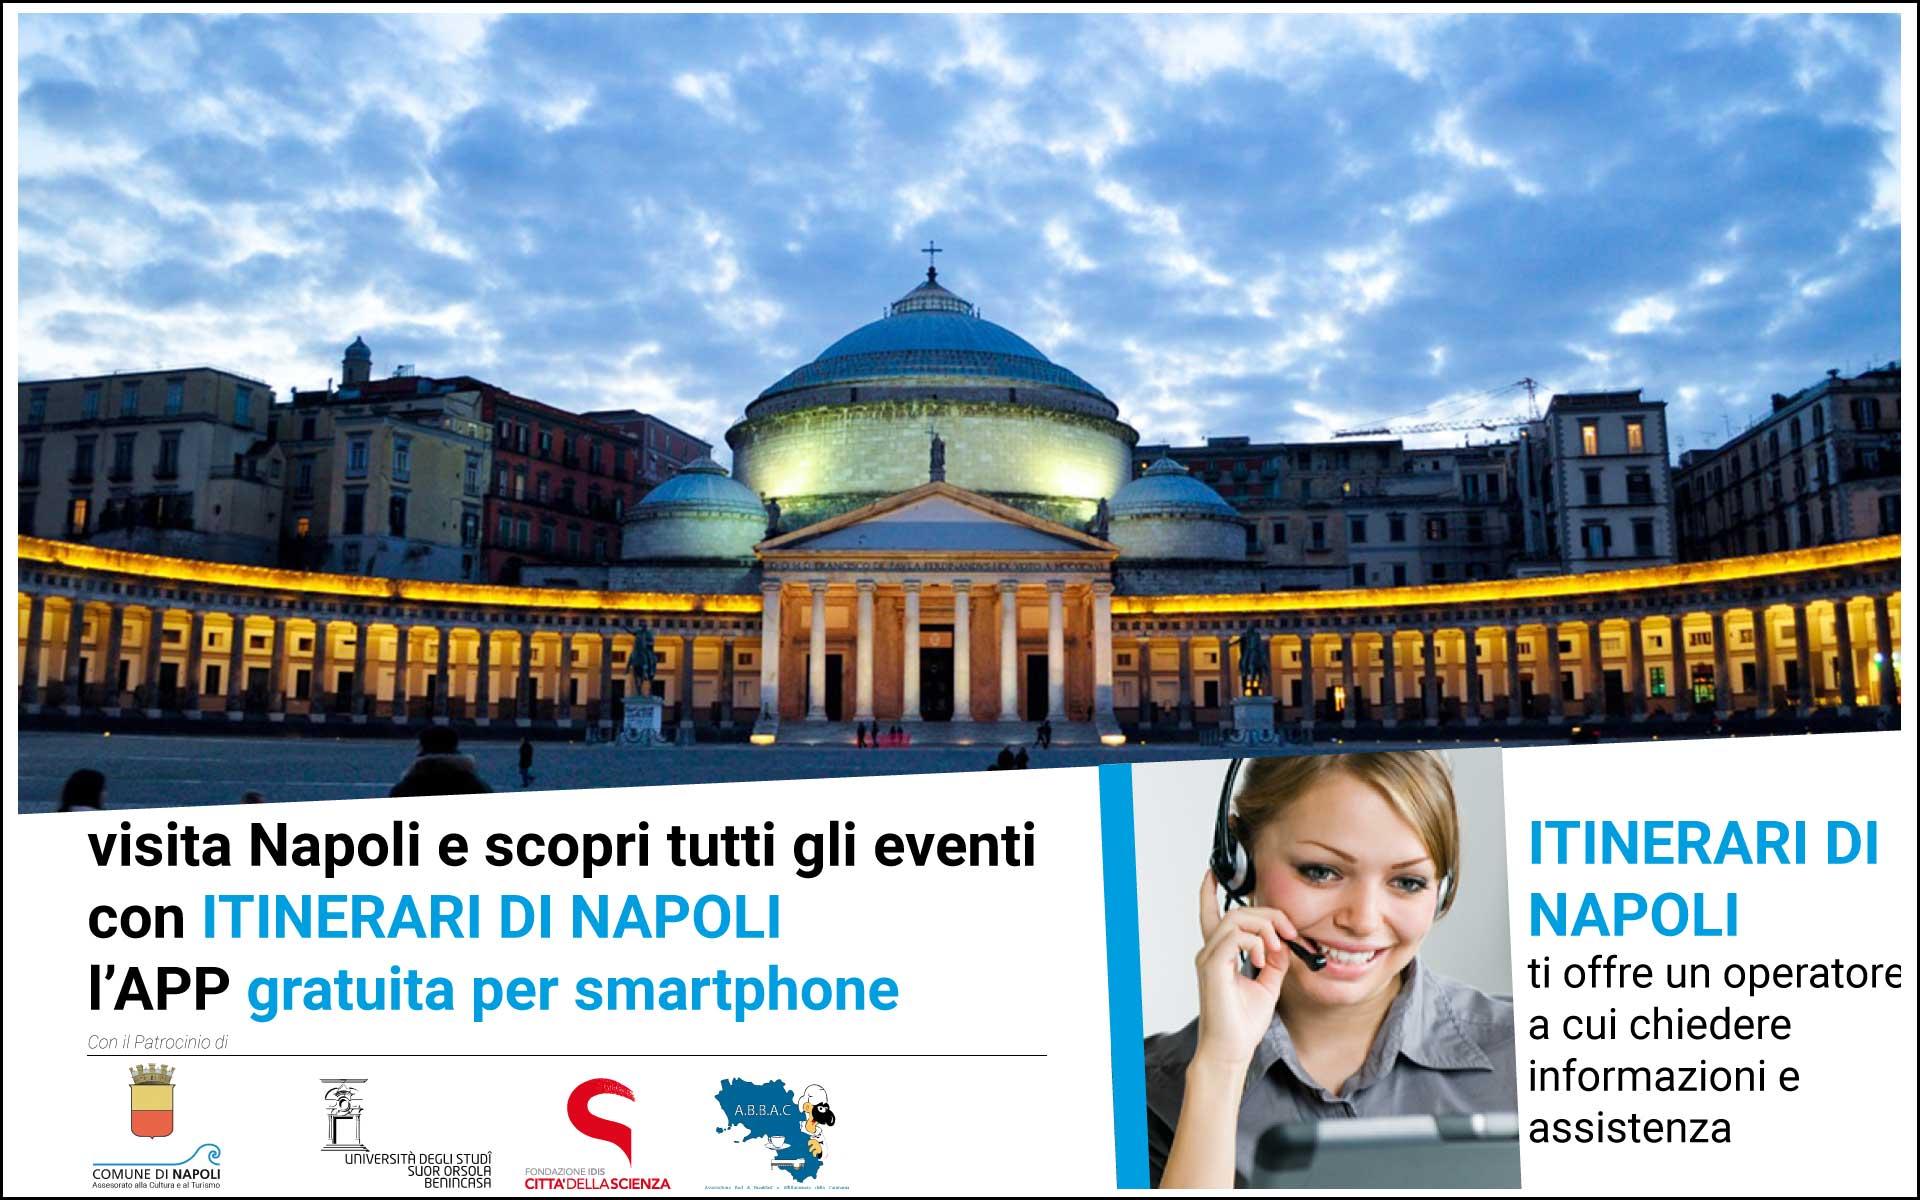 Itinerari Di Napoli - l'applicazione gratuita per visitare Napoli in sicurezza -